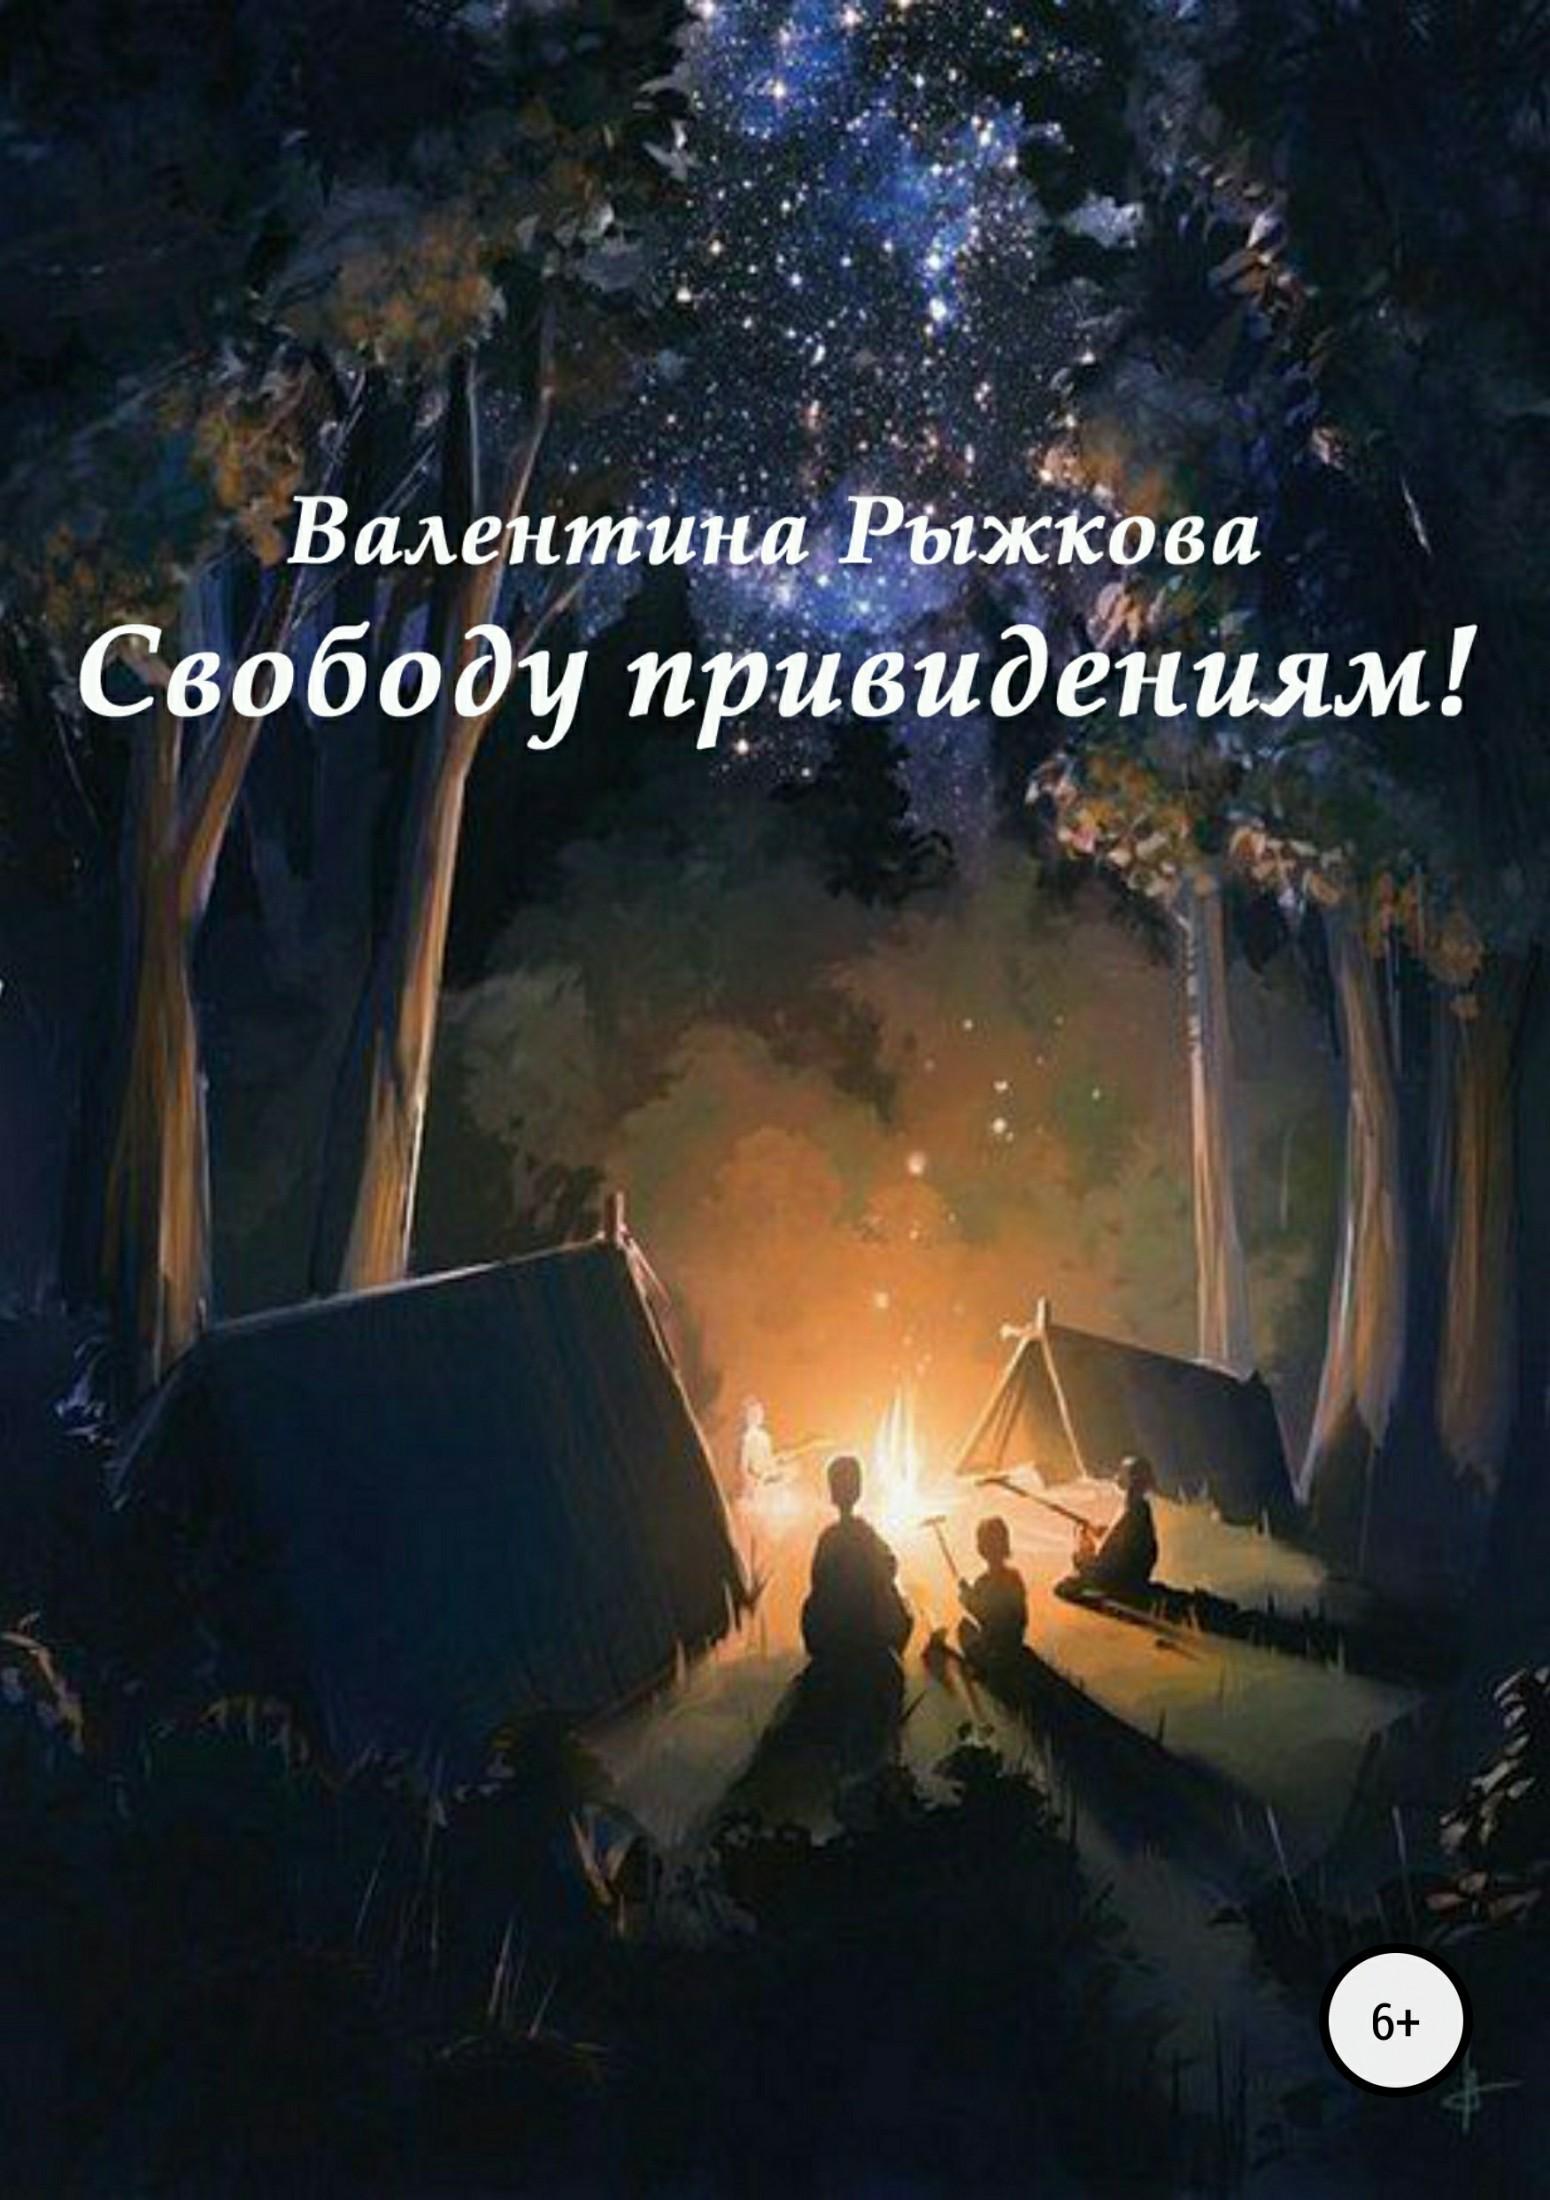 Валентина Ивановна Рыжкова. Свободу привидениям!